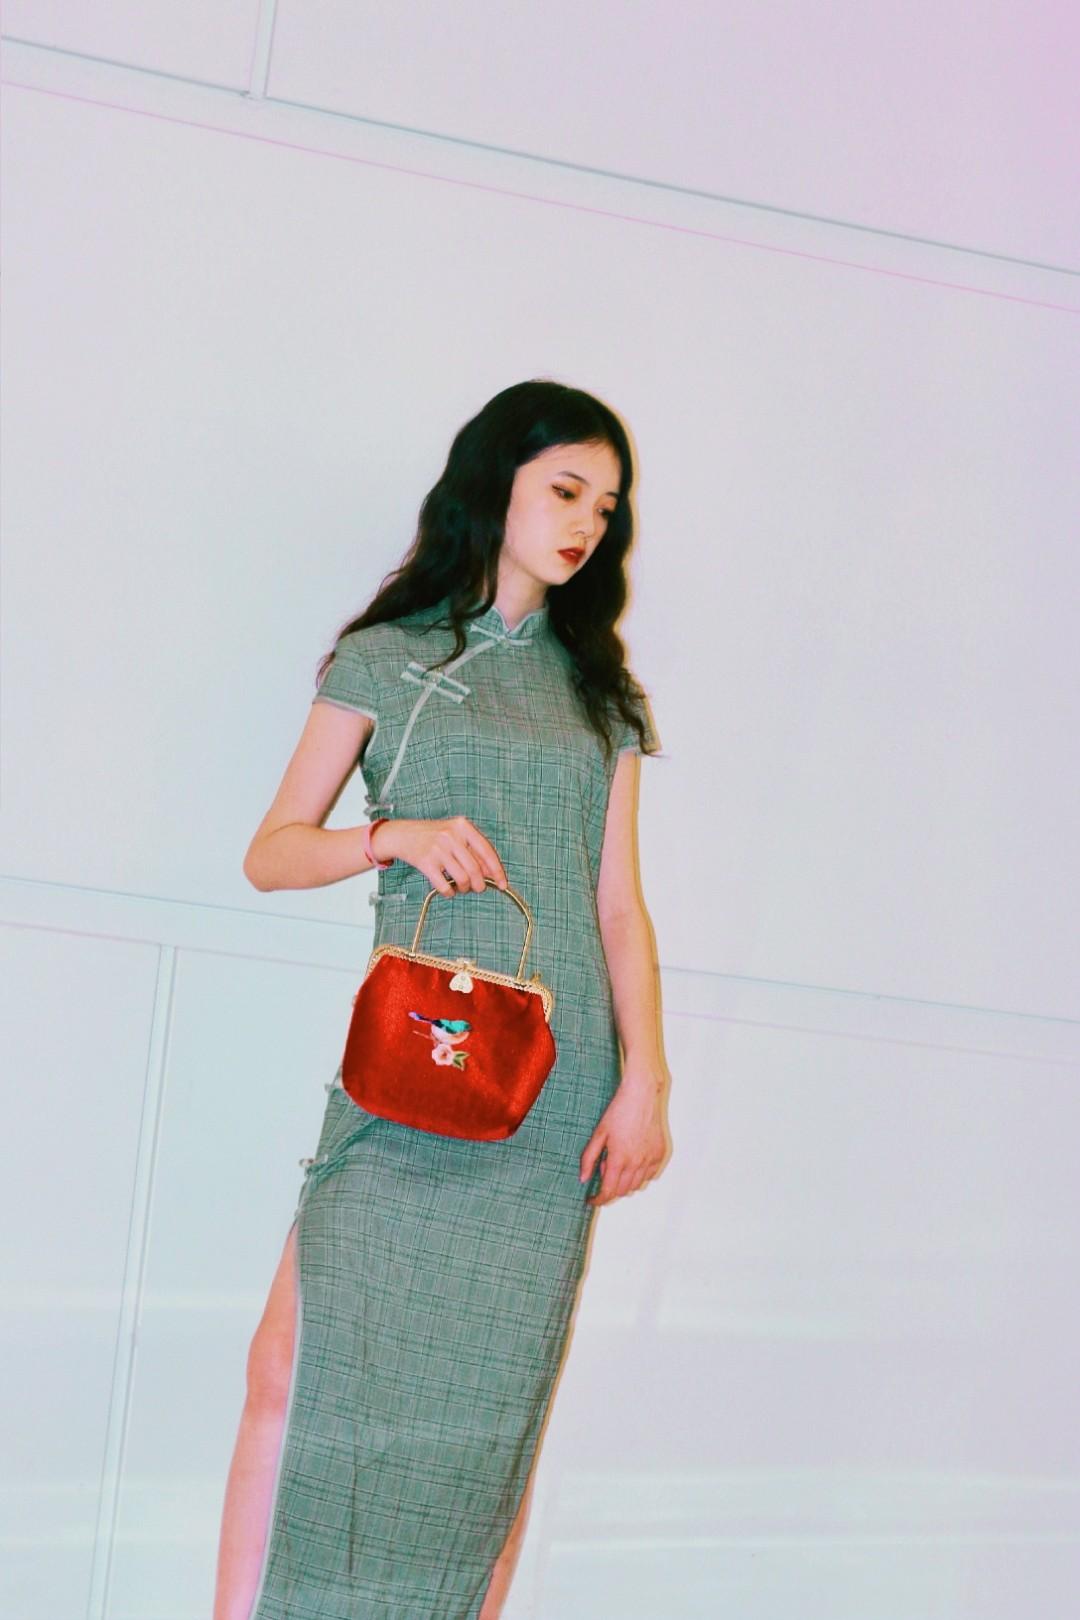 搭配分享🦄 身高160~ 绿色小旗袍搭配一个红色复古小包包 再穿一双红色的玛丽珍高跟鞋 加上一个复古祖母绿耳环 复古风满满  感觉回到了老上海 回头率200%!#小个子穿什么一键拉长比例#